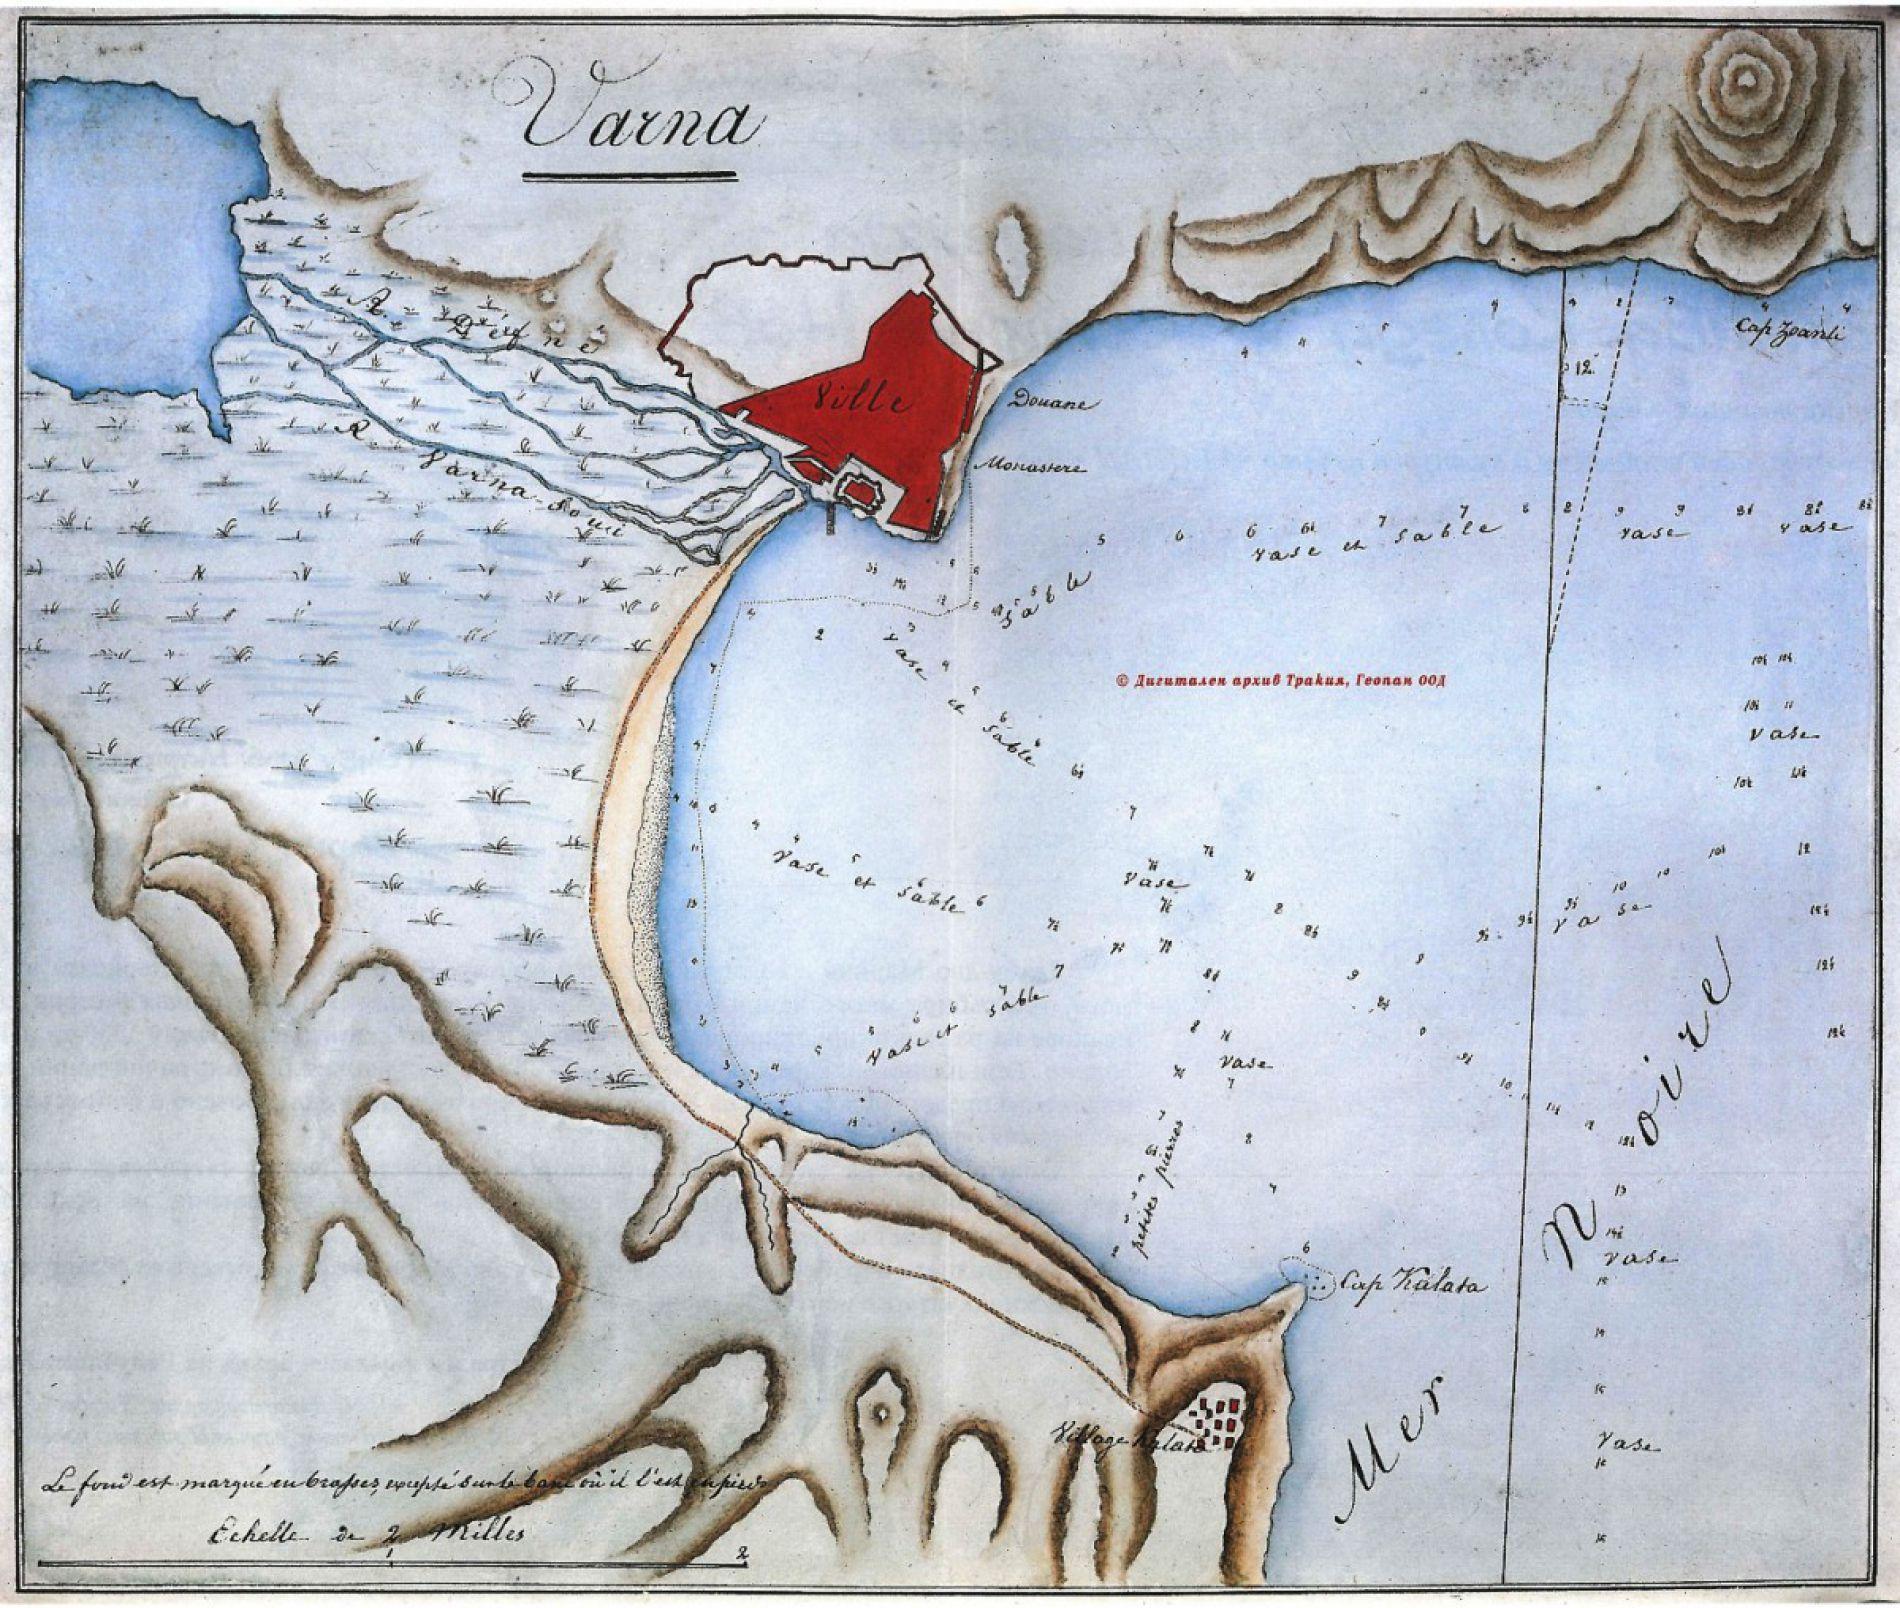 План залива Варны 1830 года